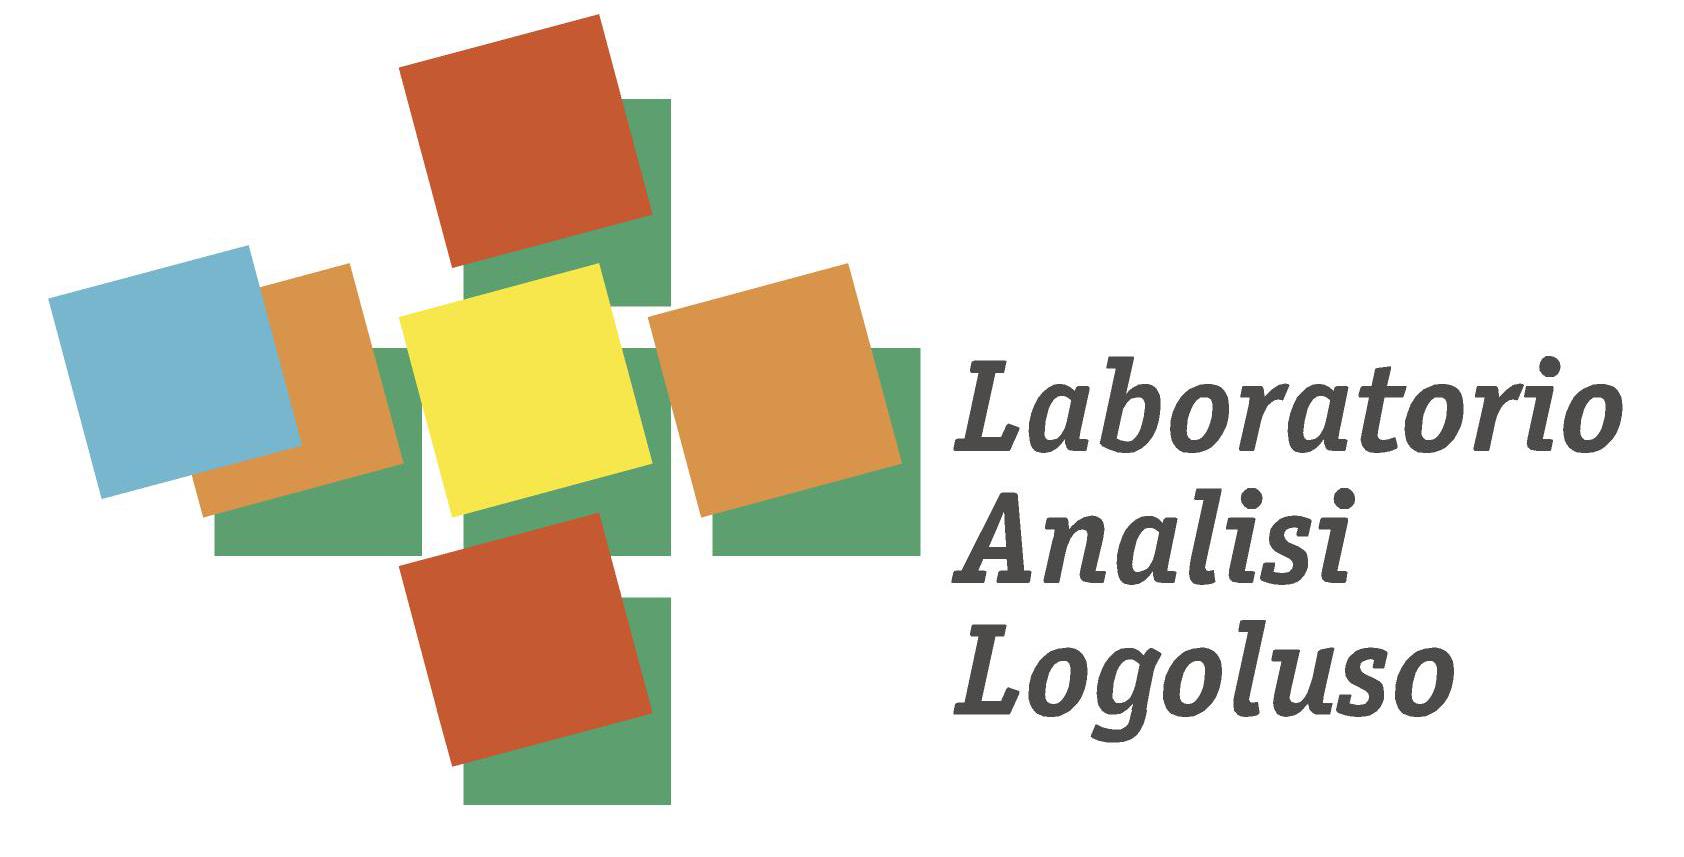 Il logo del Laboratorio Analisi Logoluso